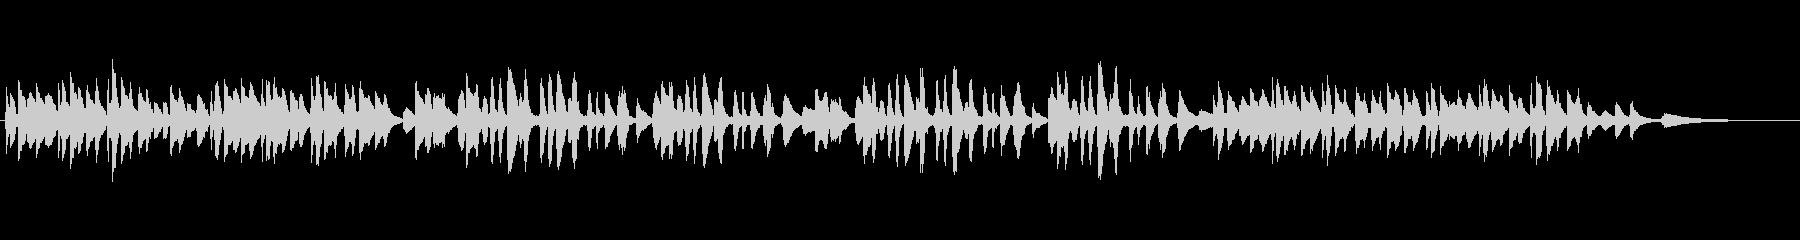 クラシックピアノ「ドイツの歌」の未再生の波形